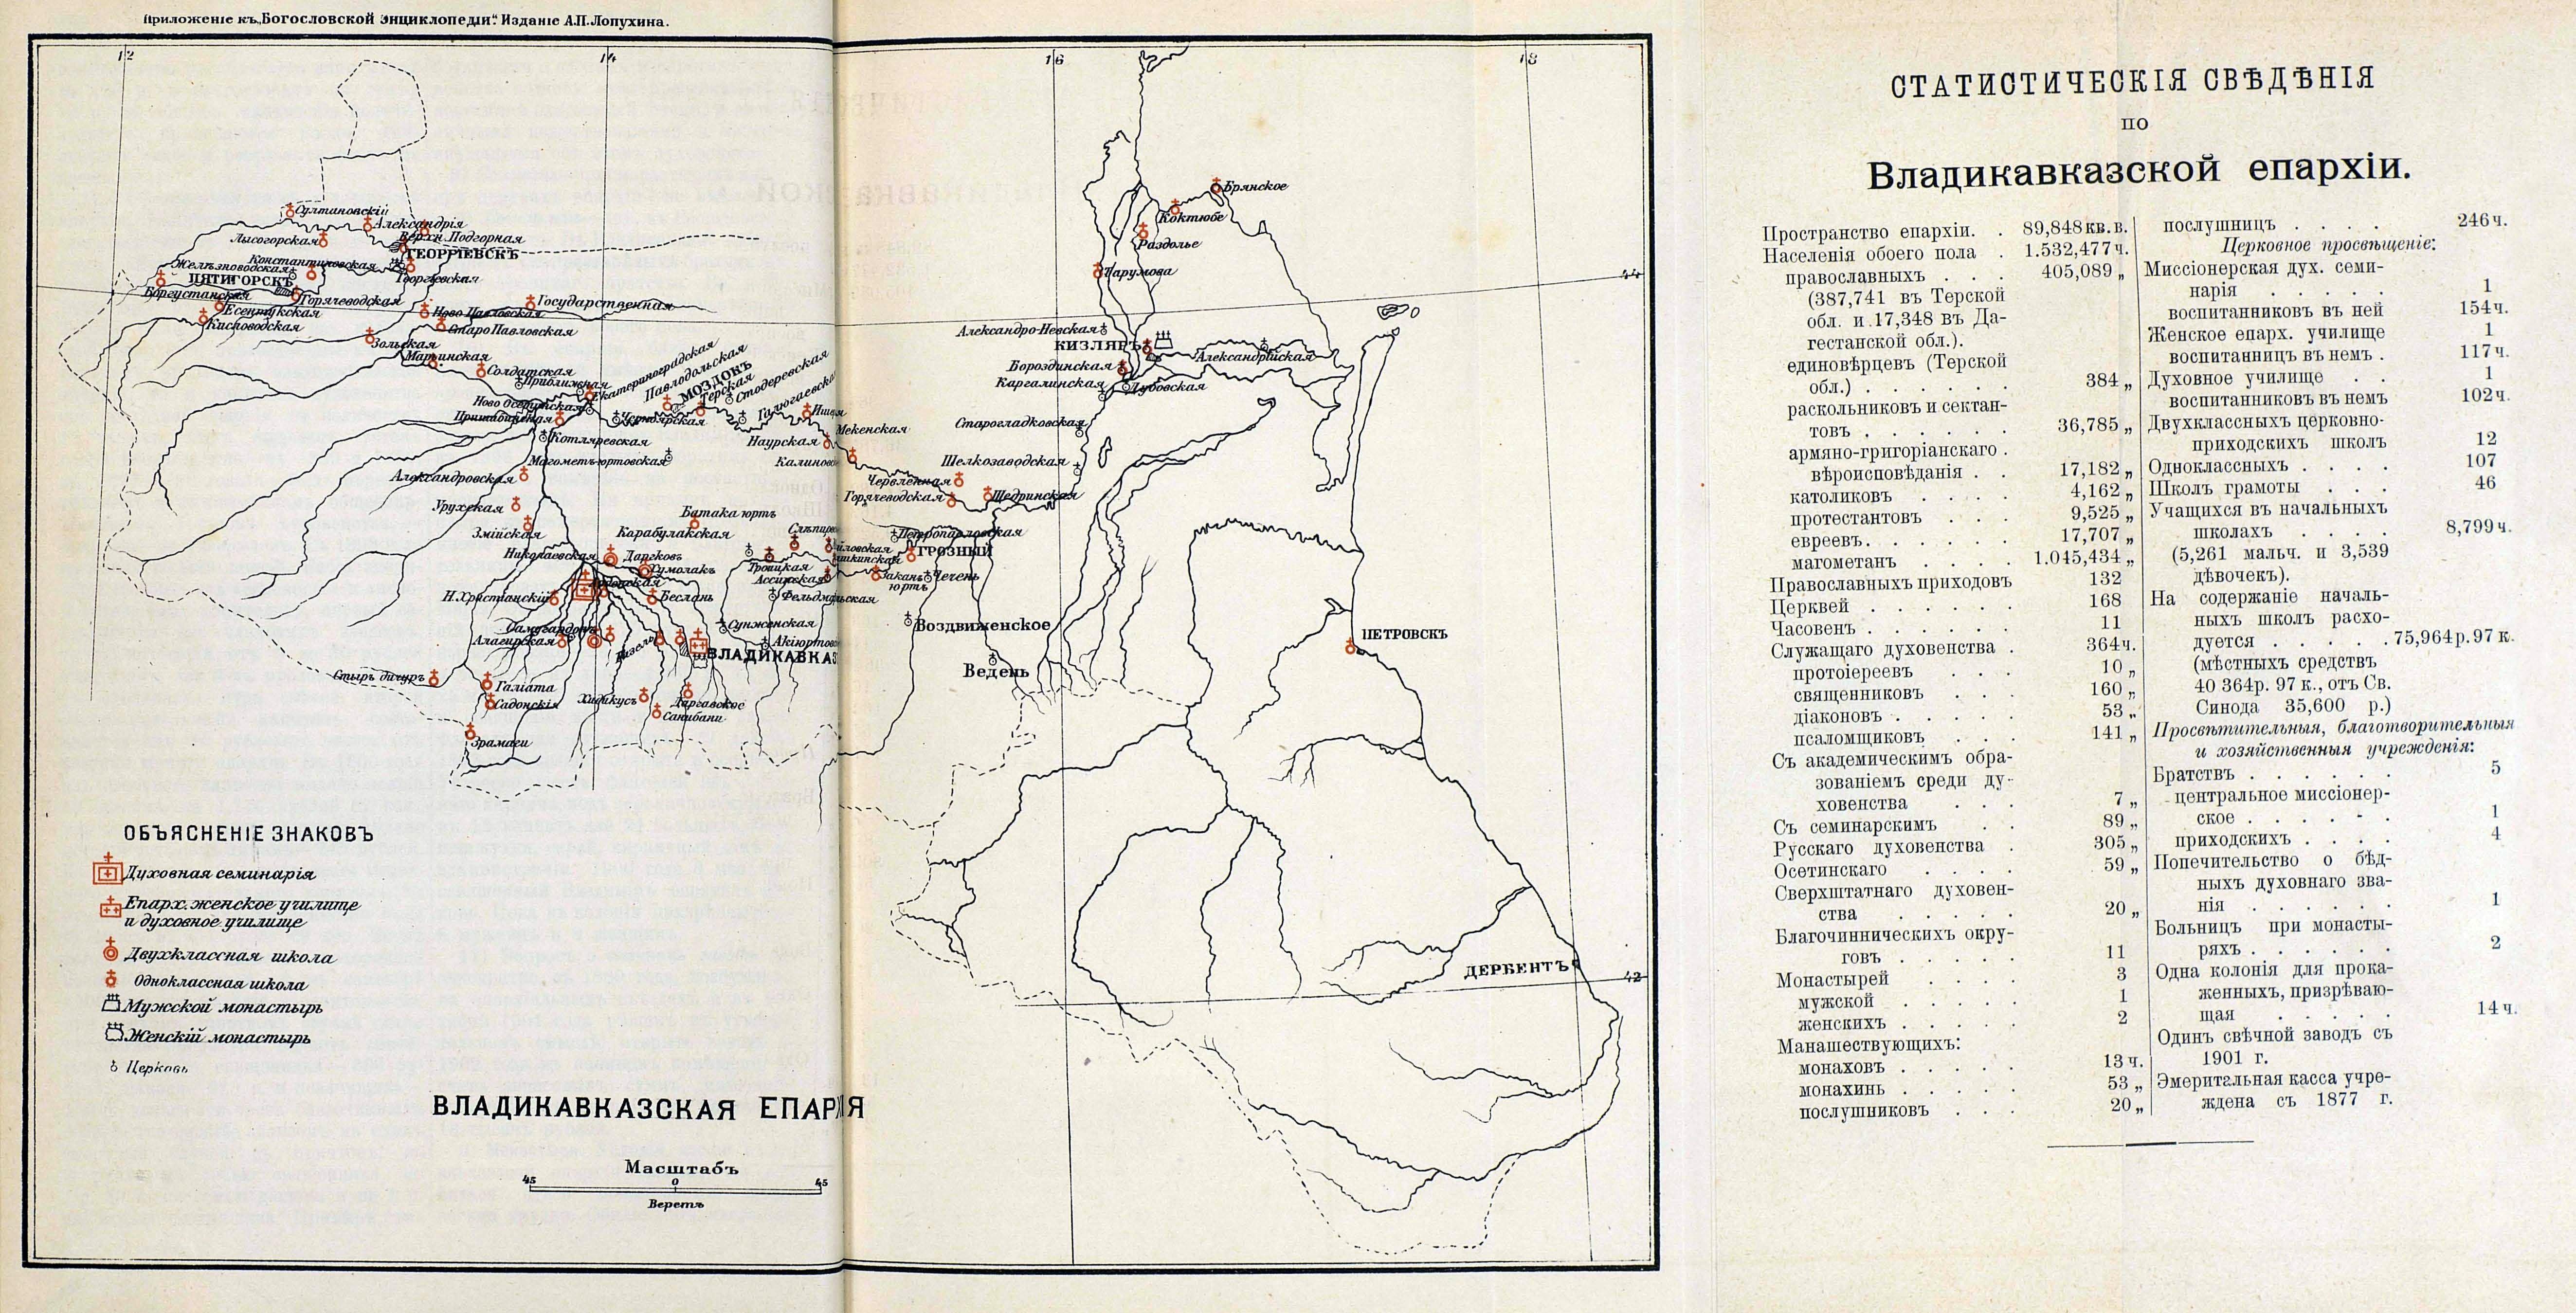 Карта Владикавказской епархии 1902 года.